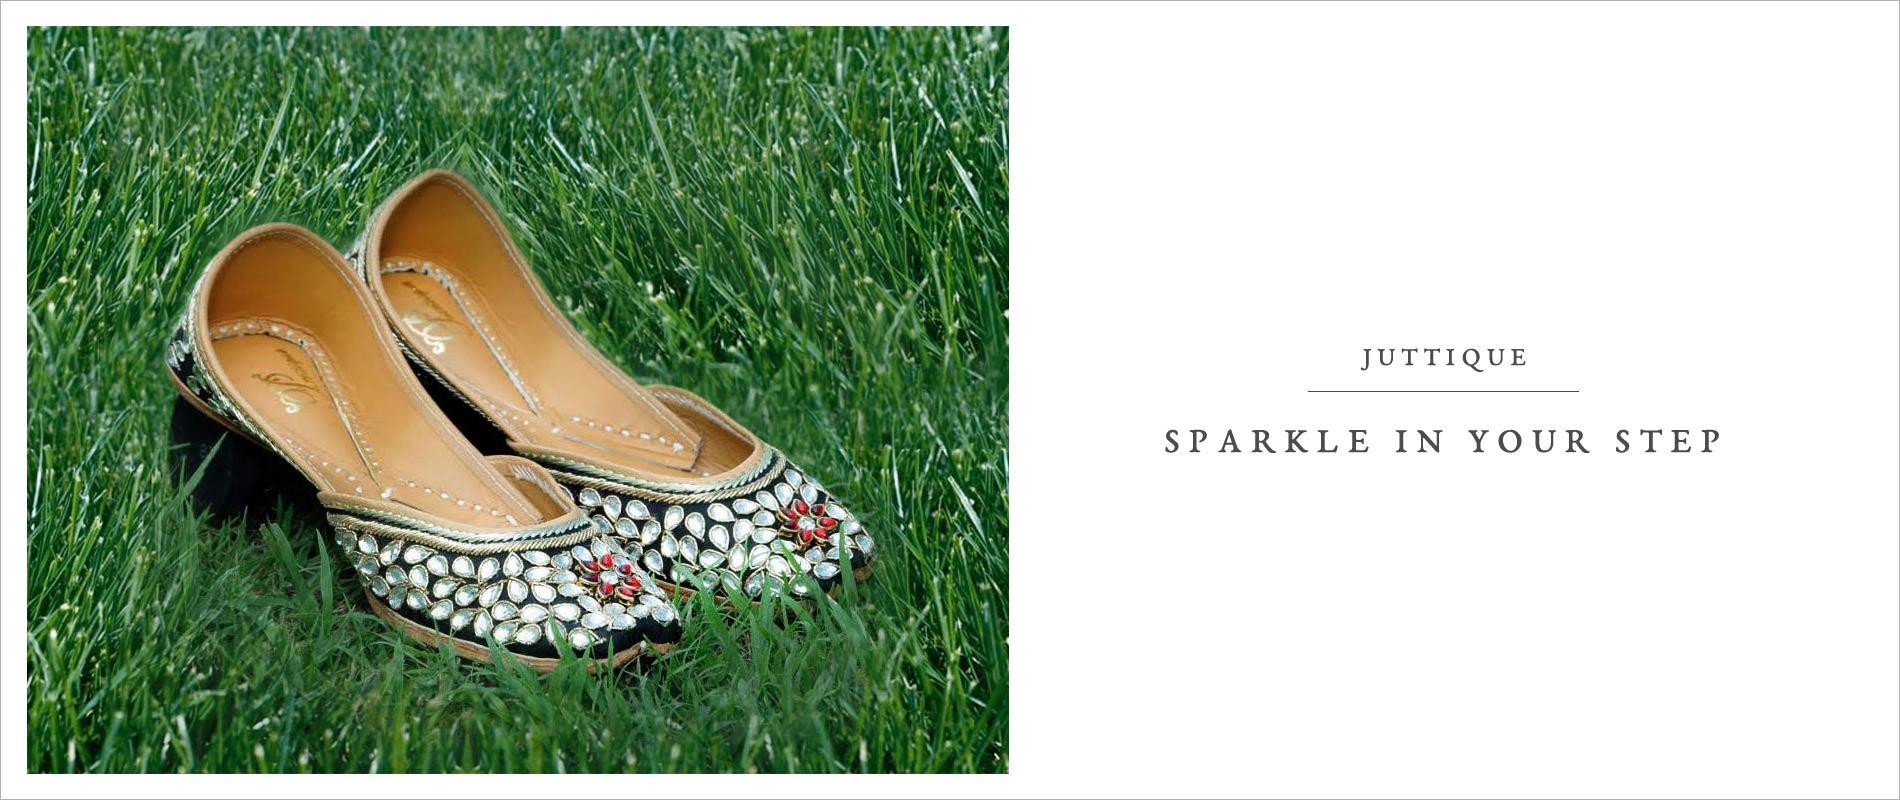 171115JUT017_Juttitique_Footwear_Ready_8017